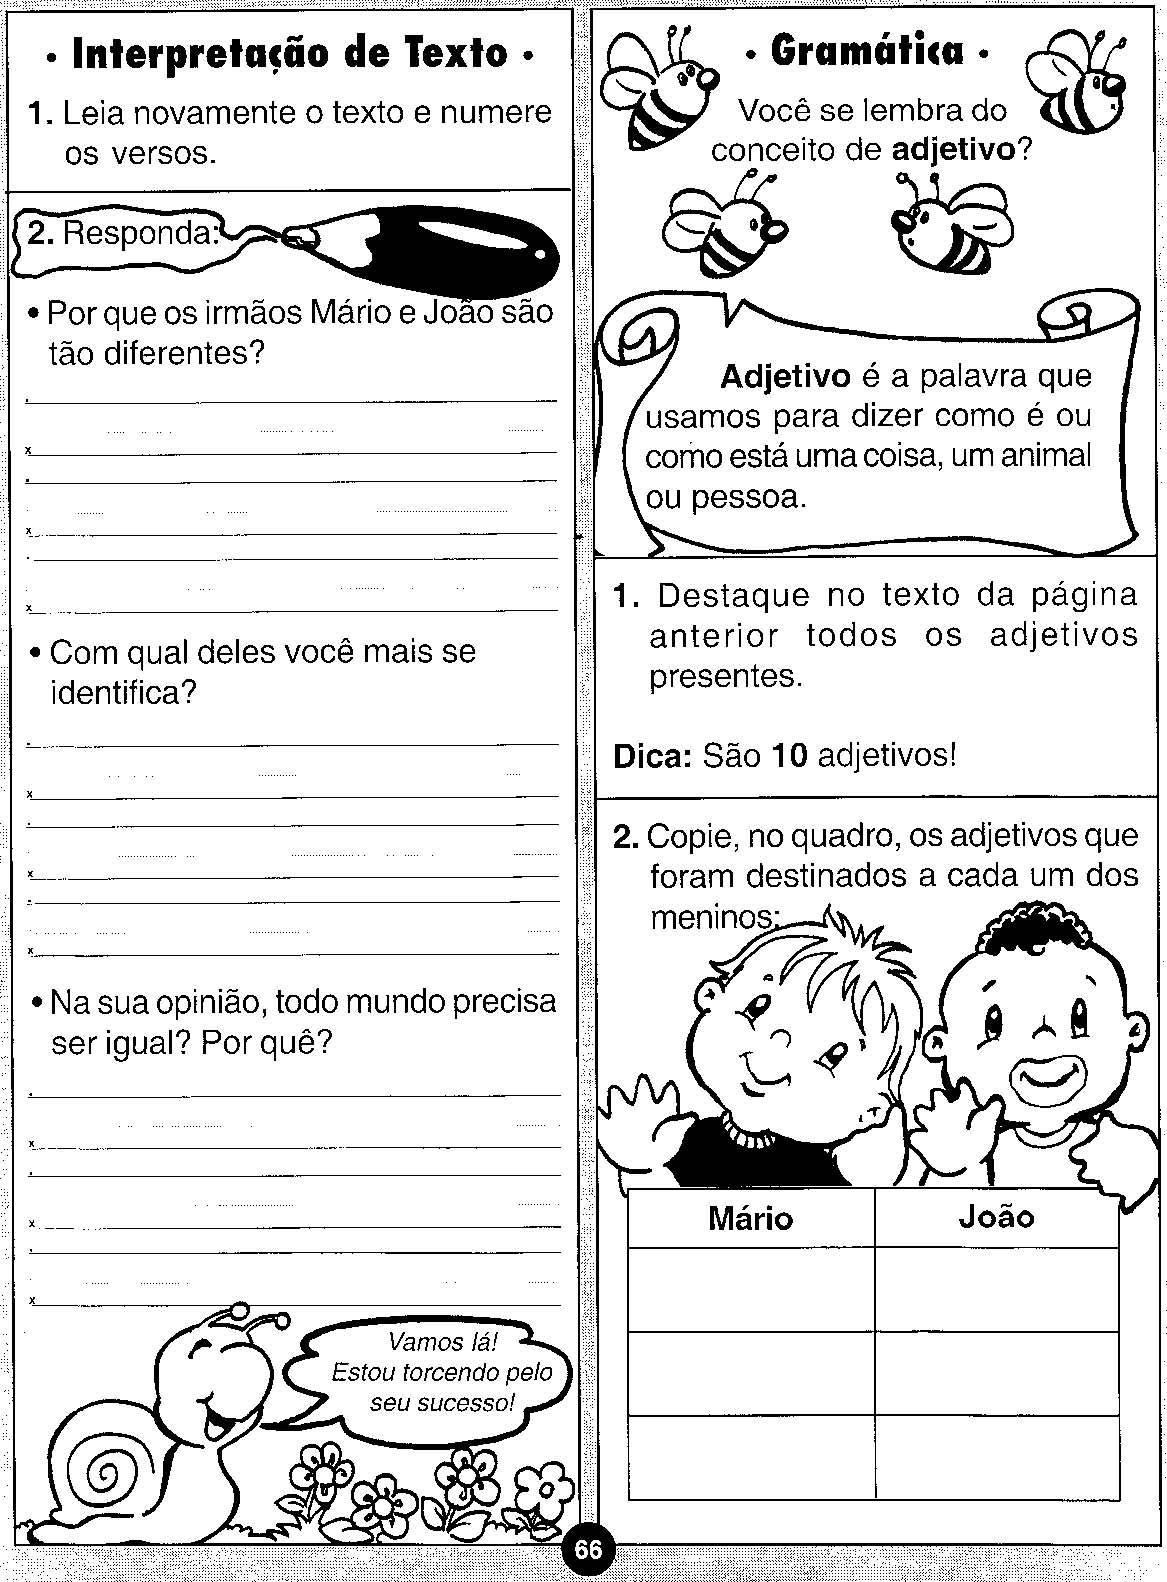 atividades-alimentação-saudavel-exercicios-educação-infantil-ensino-fundamental (99)